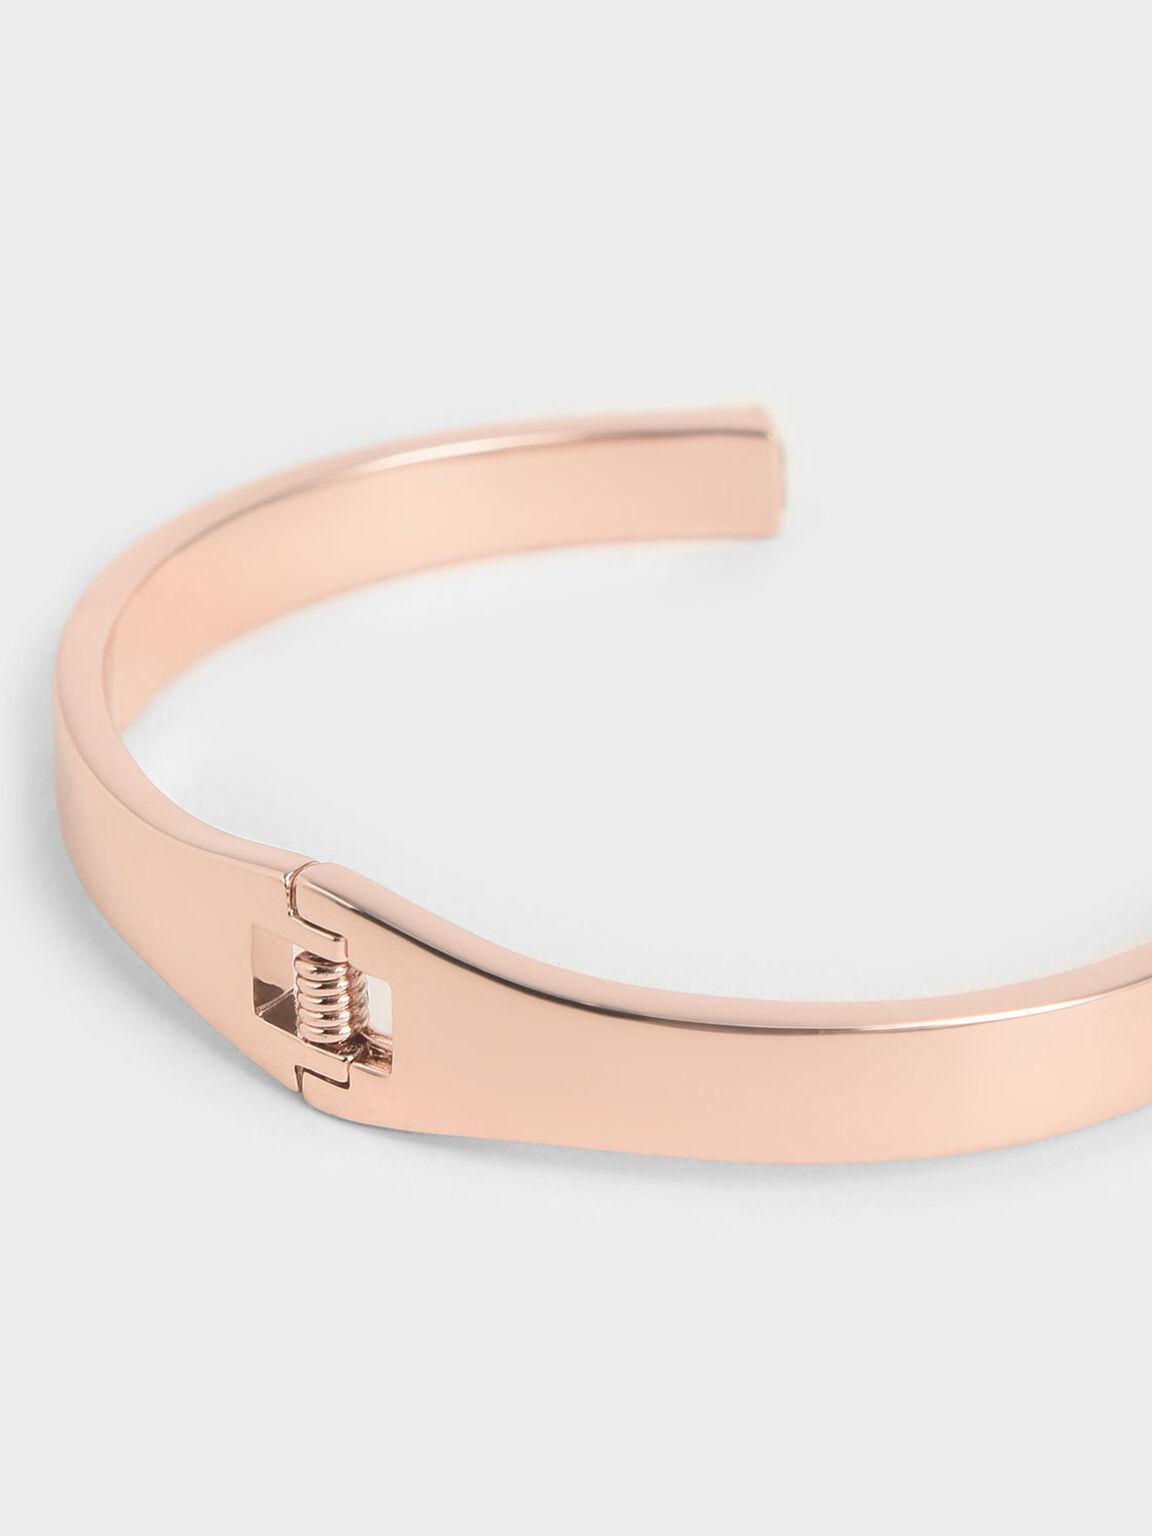 Swarovski® Crystal Cuff Bracelet, Rose Gold, hi-res